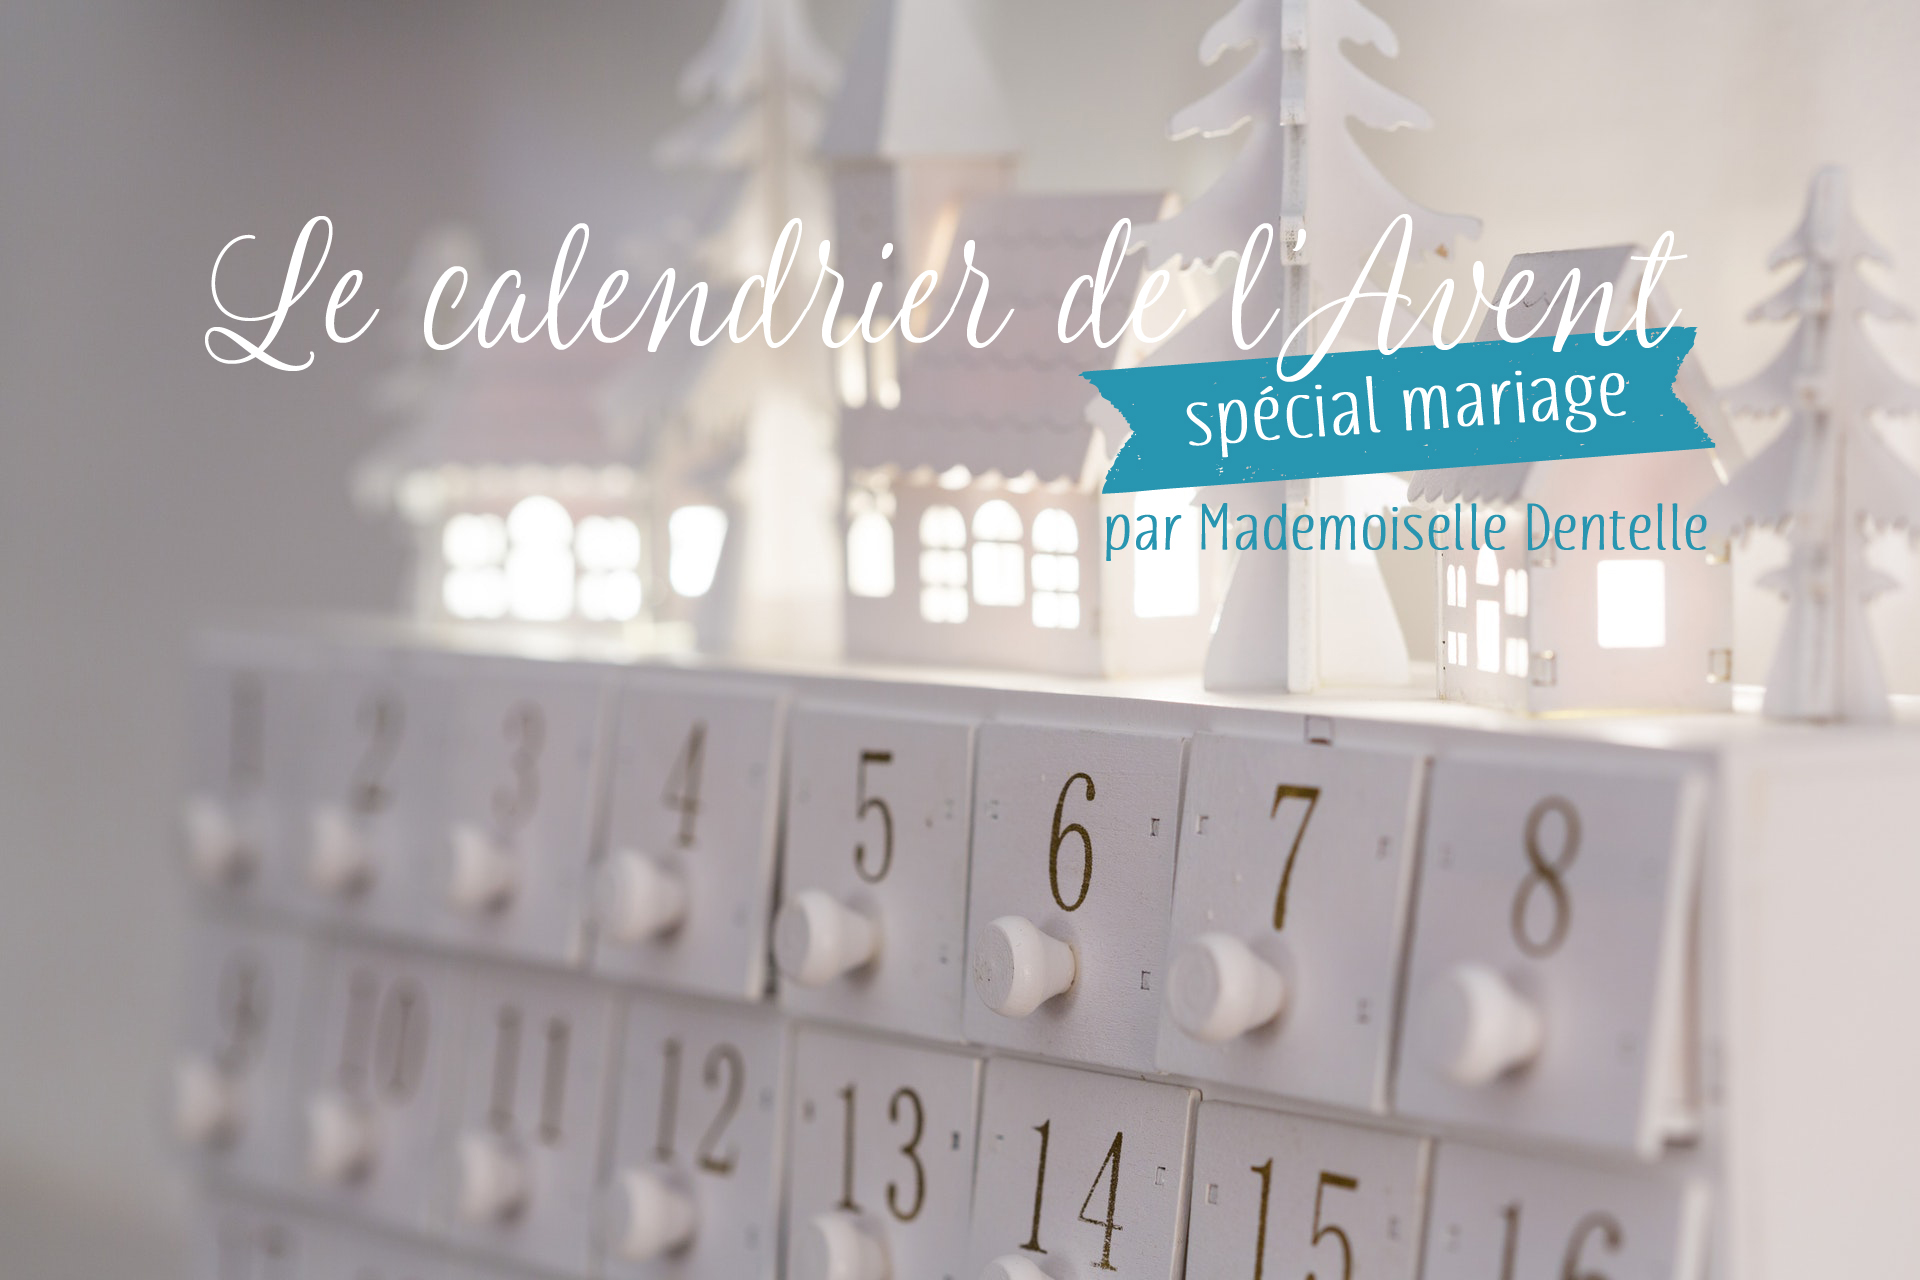 un calendrier de l 39 avent sp cial mariage sur mademoiselle dentelle mademoiselle dentelle. Black Bedroom Furniture Sets. Home Design Ideas